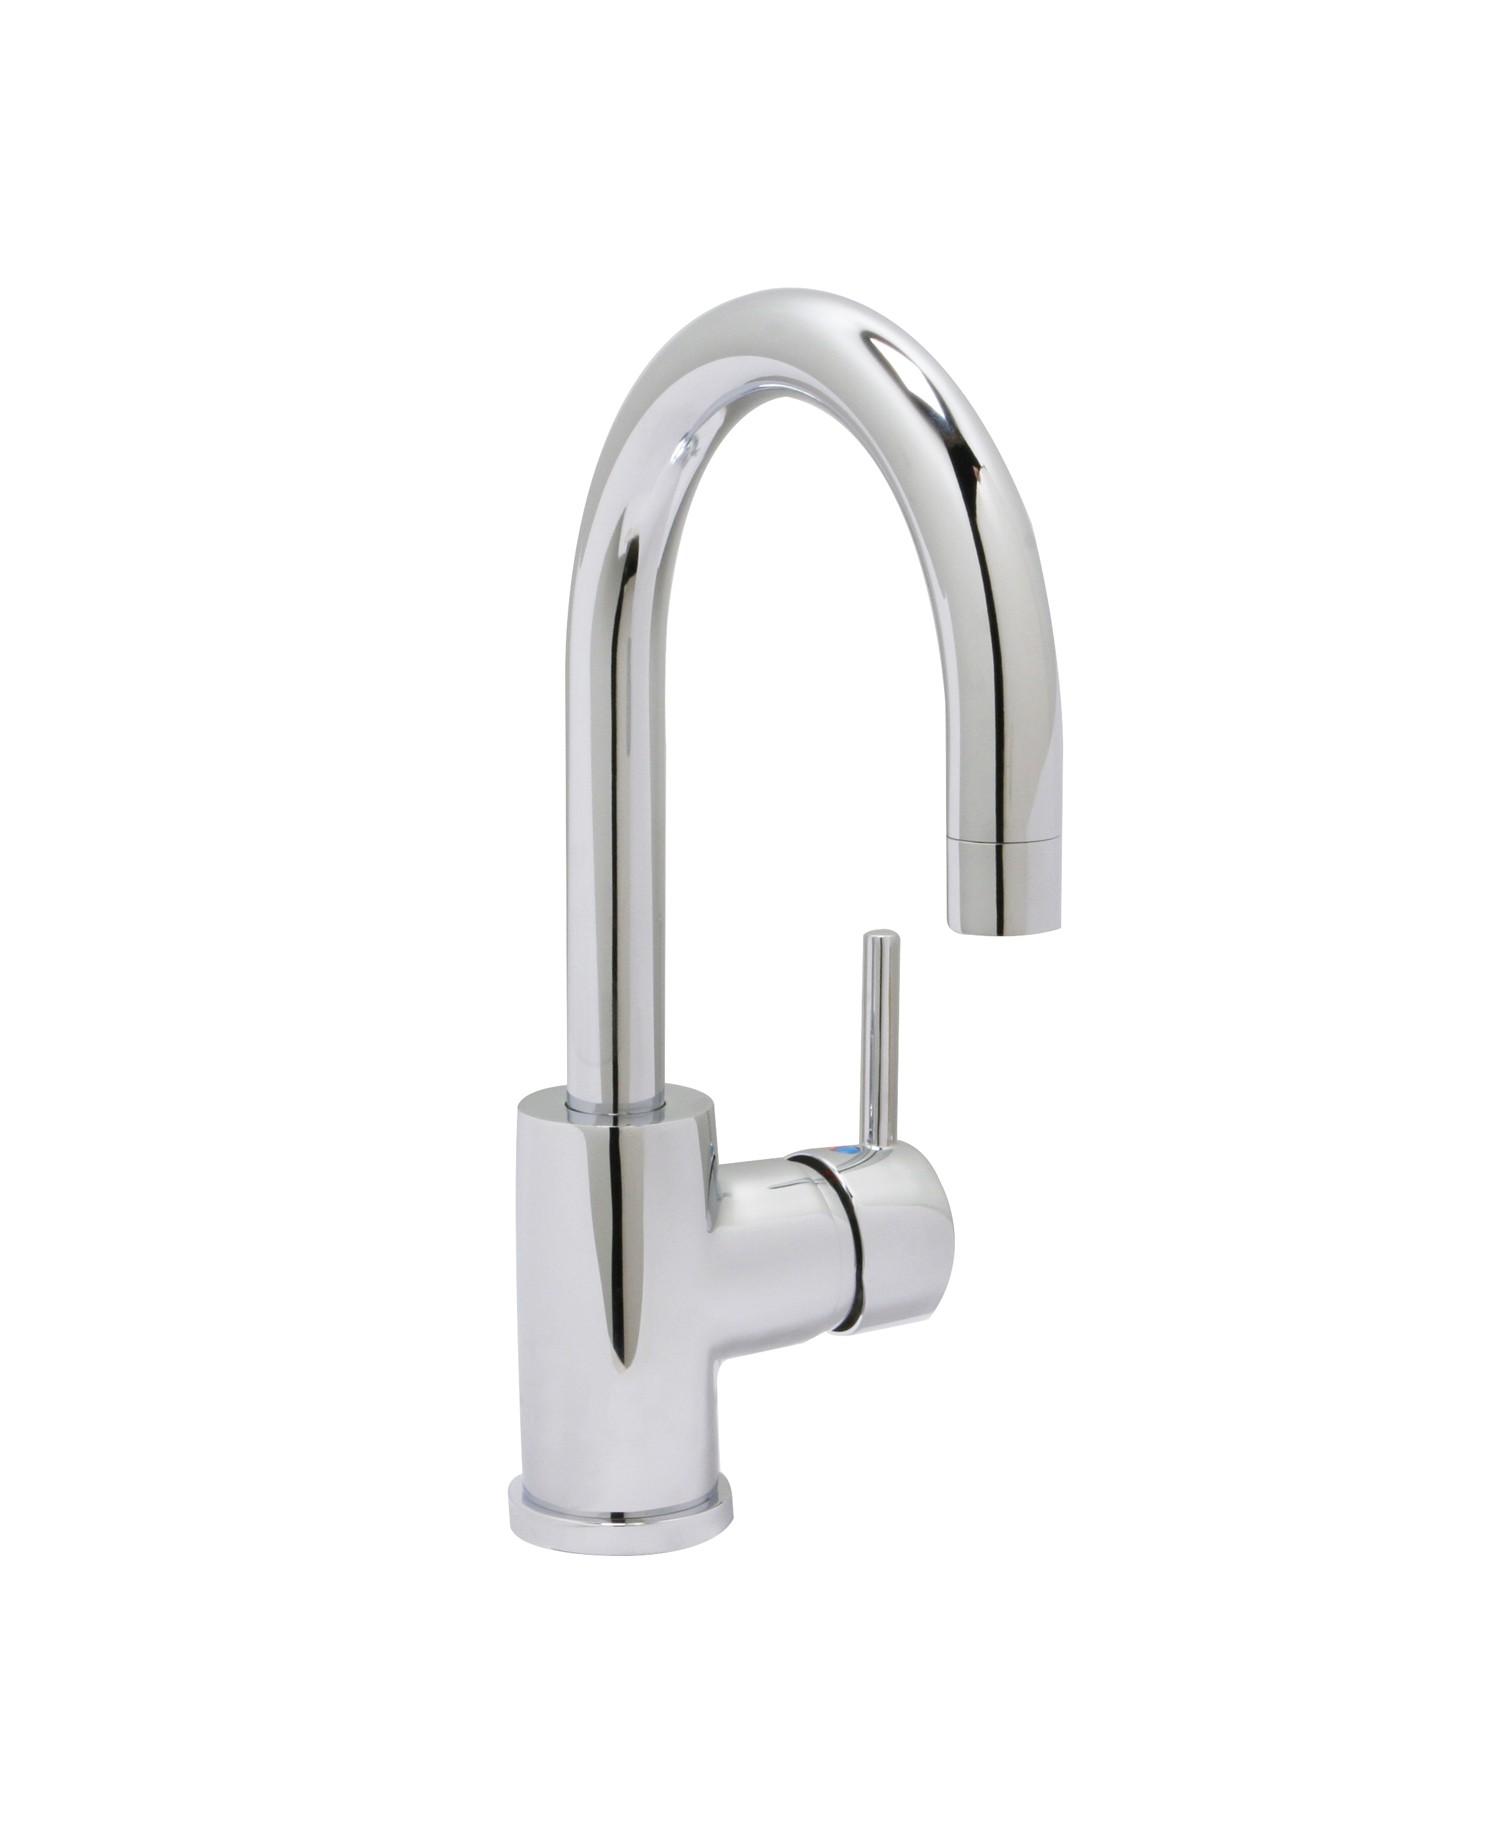 Lavatory/Bar/Prep Faucet W3480201